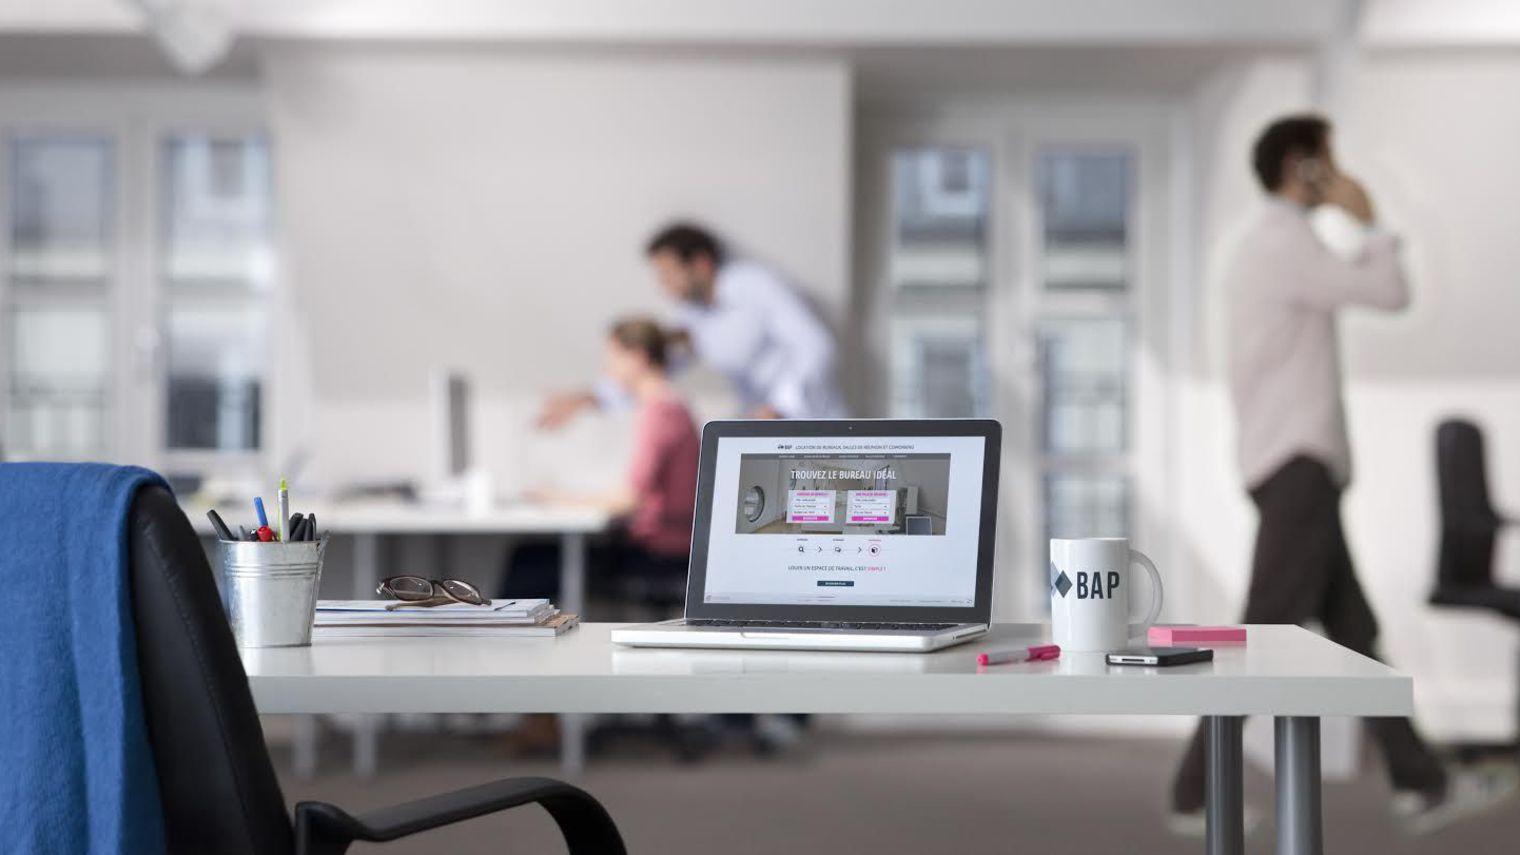 L importance de bien choisir son quipement de bureau for Equipement de bureau